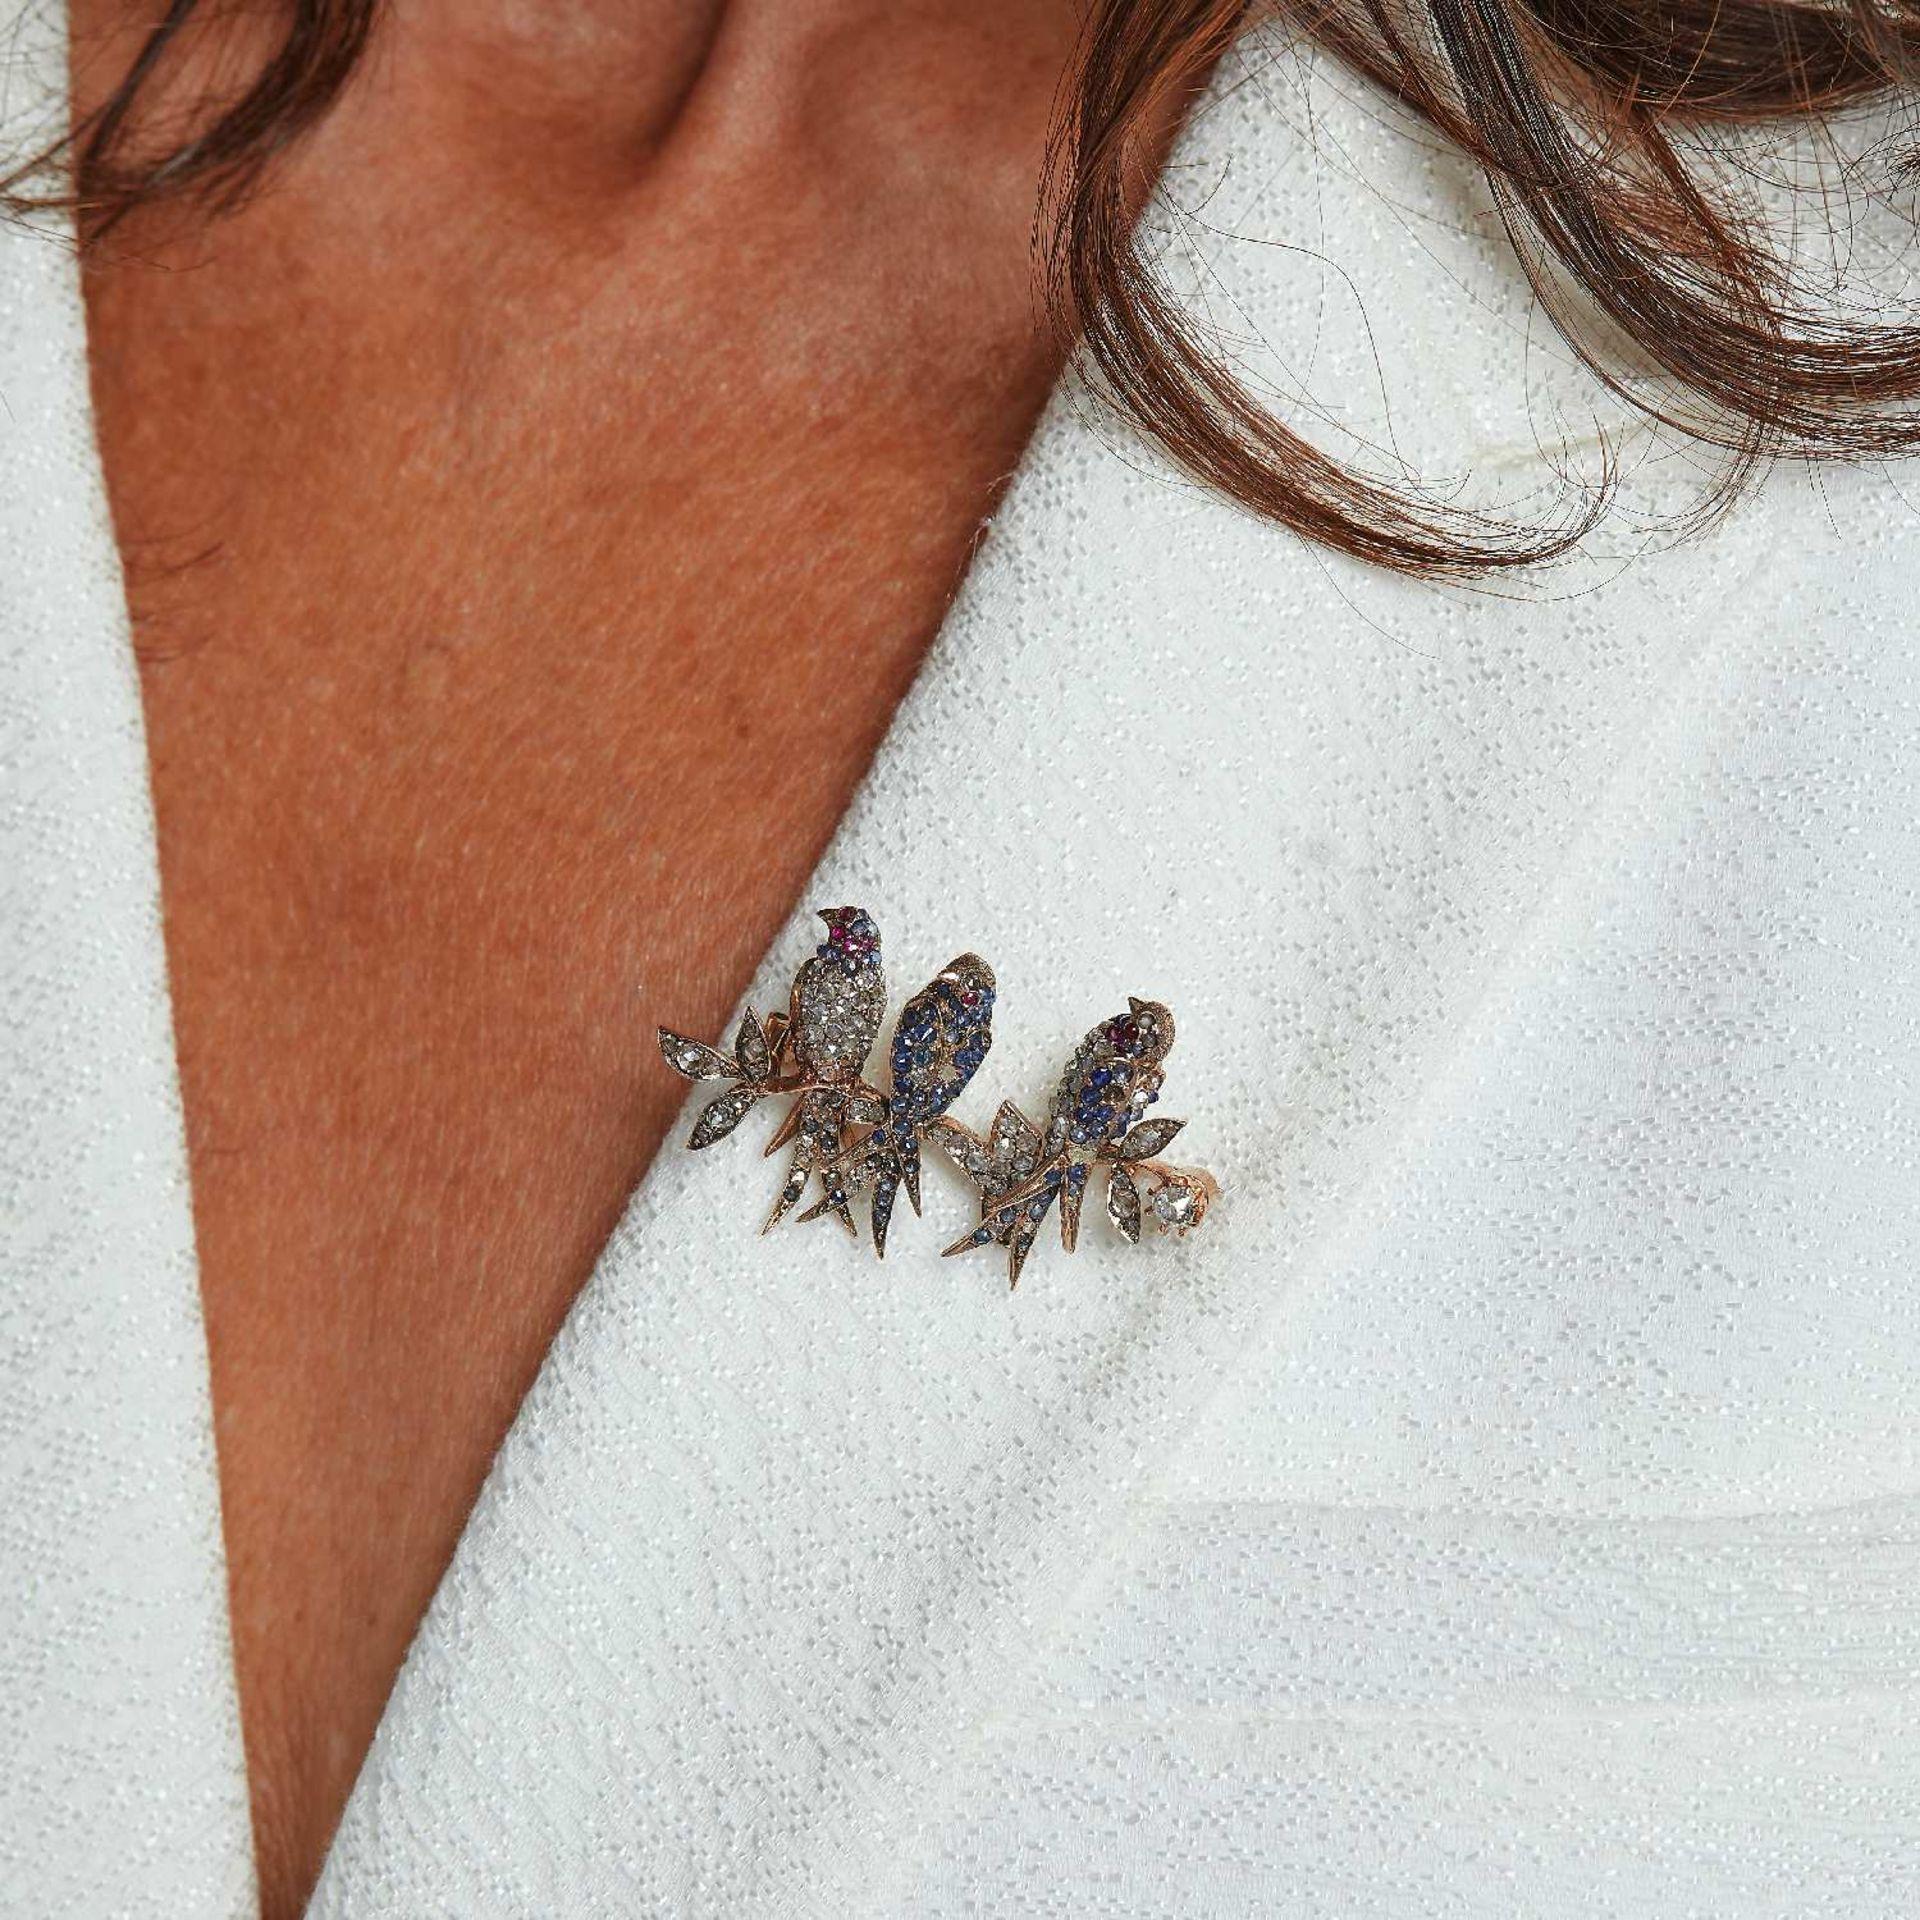 XIXEME SIECLE PETITE BROCHE HIRONDELLES Les trois oiseaux reposent sur une branche. L'ensemble est